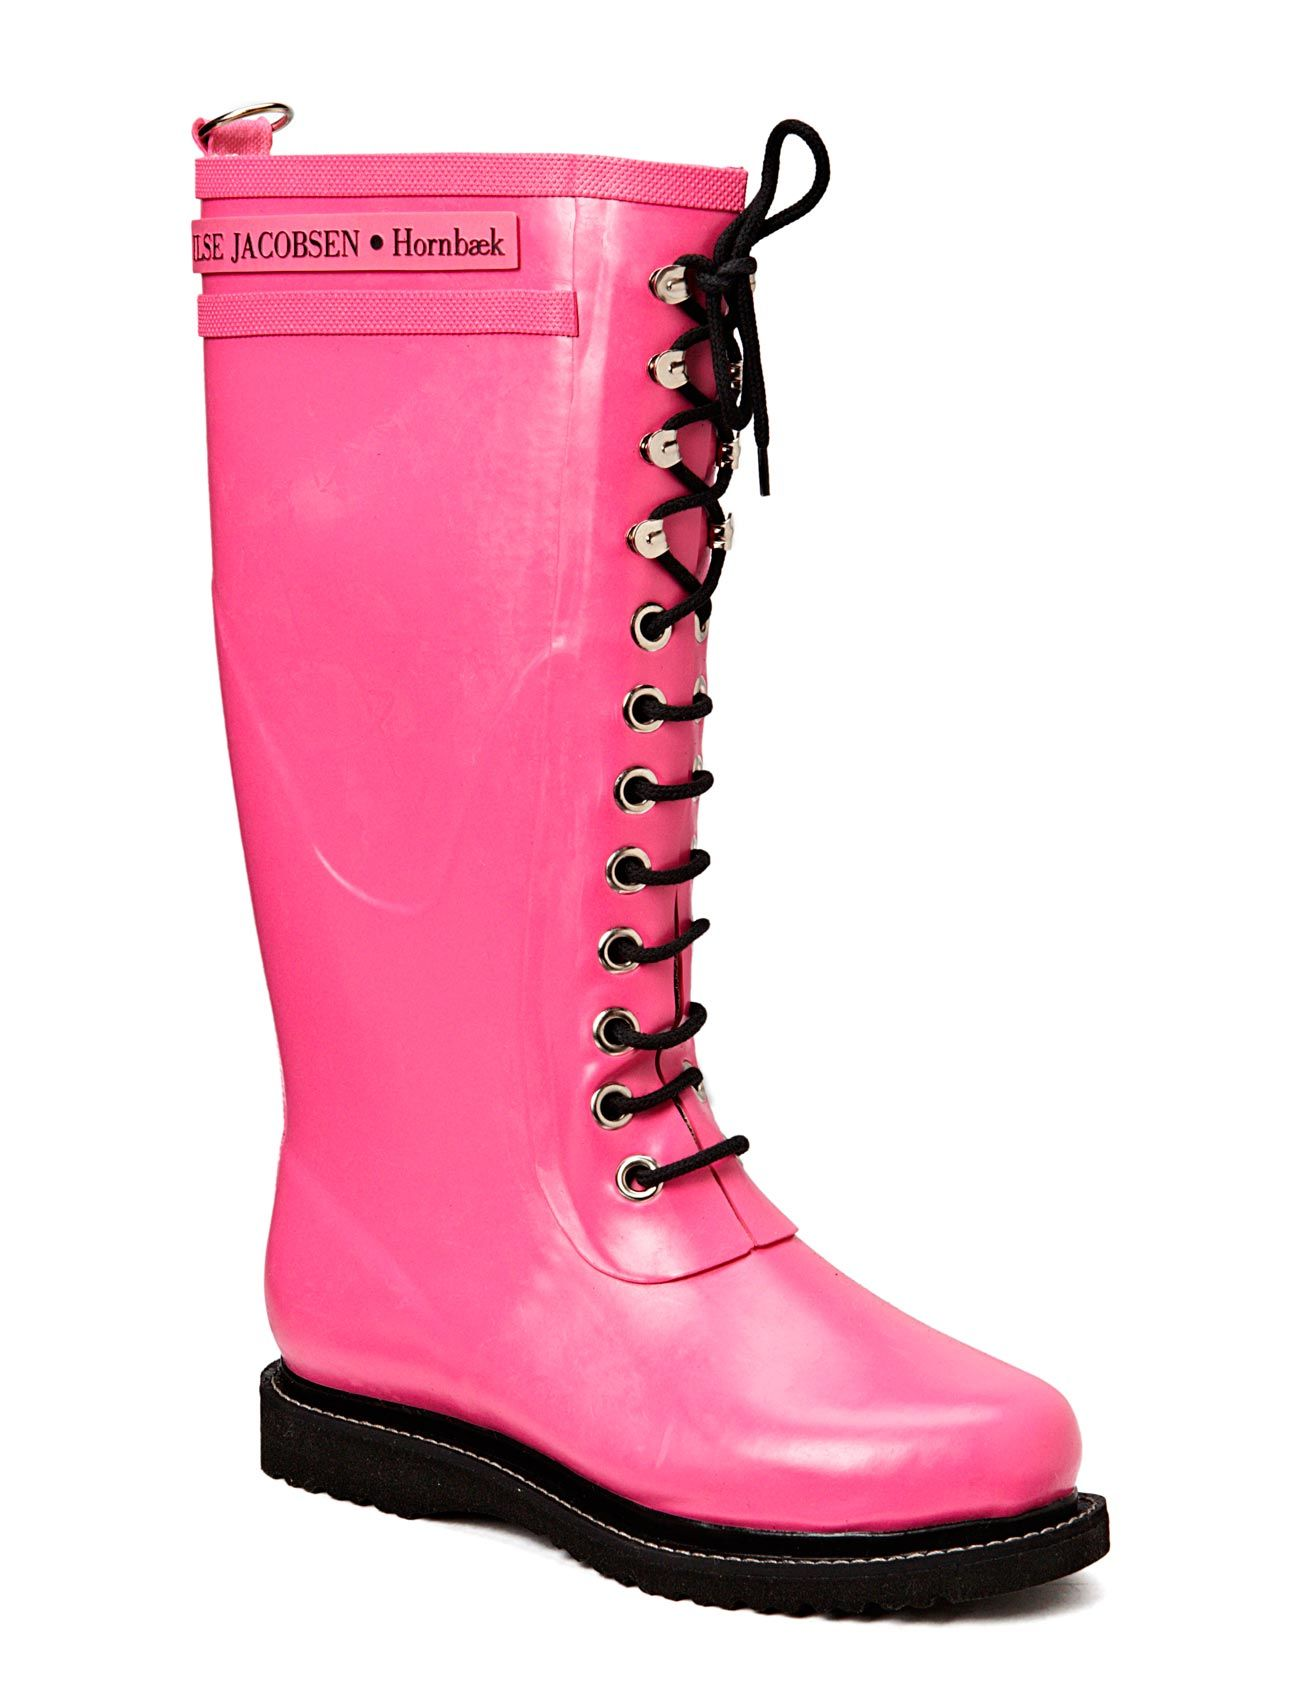 Rain Boot - Long, Classic With Laces Ilse Jacobsen Støvler til Damer i